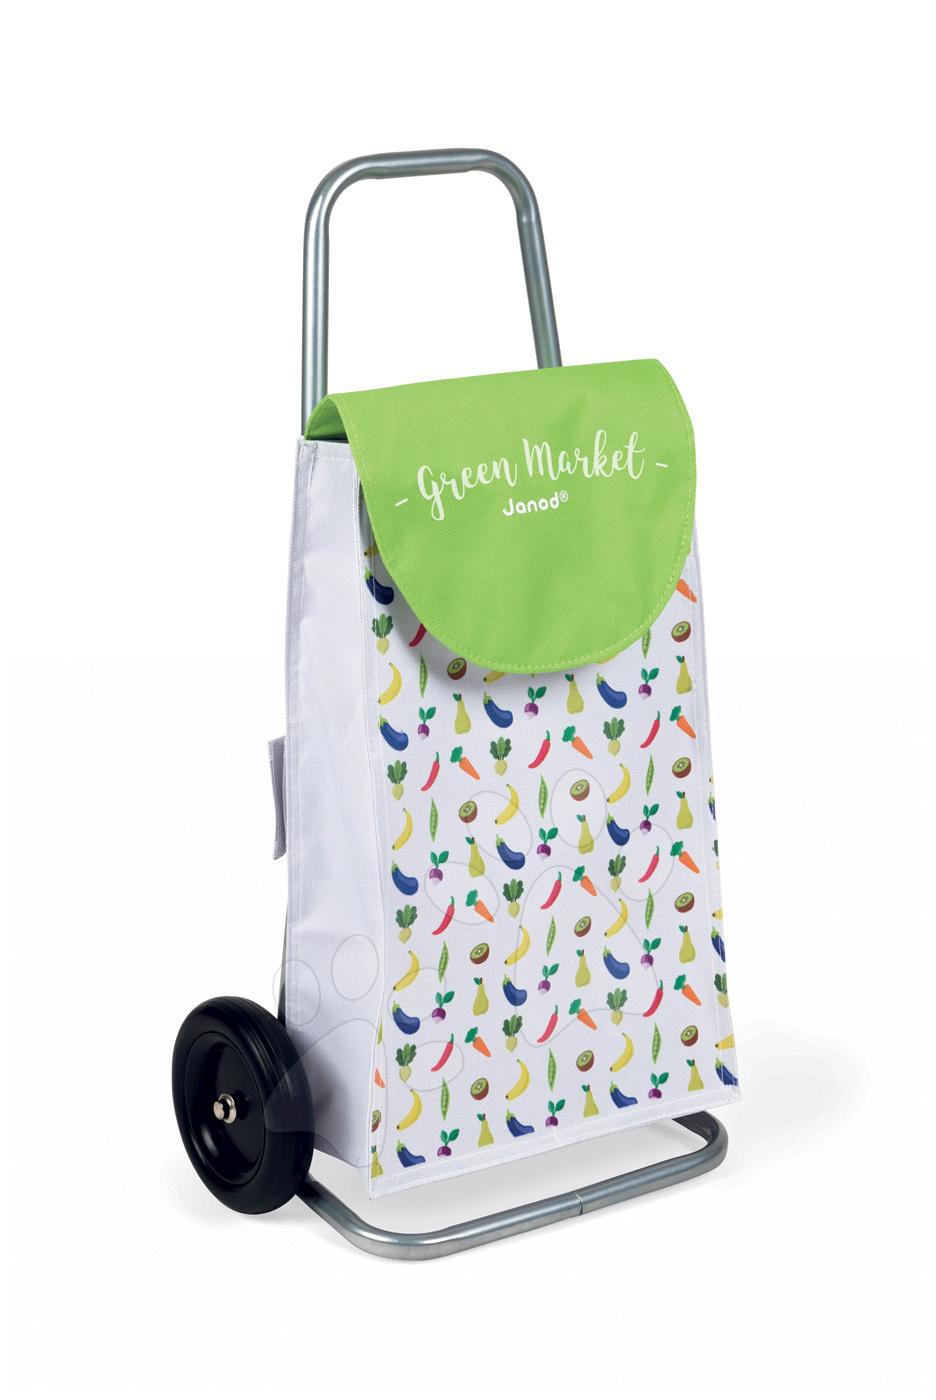 Janod detský nákupný vozík Green Market 06575